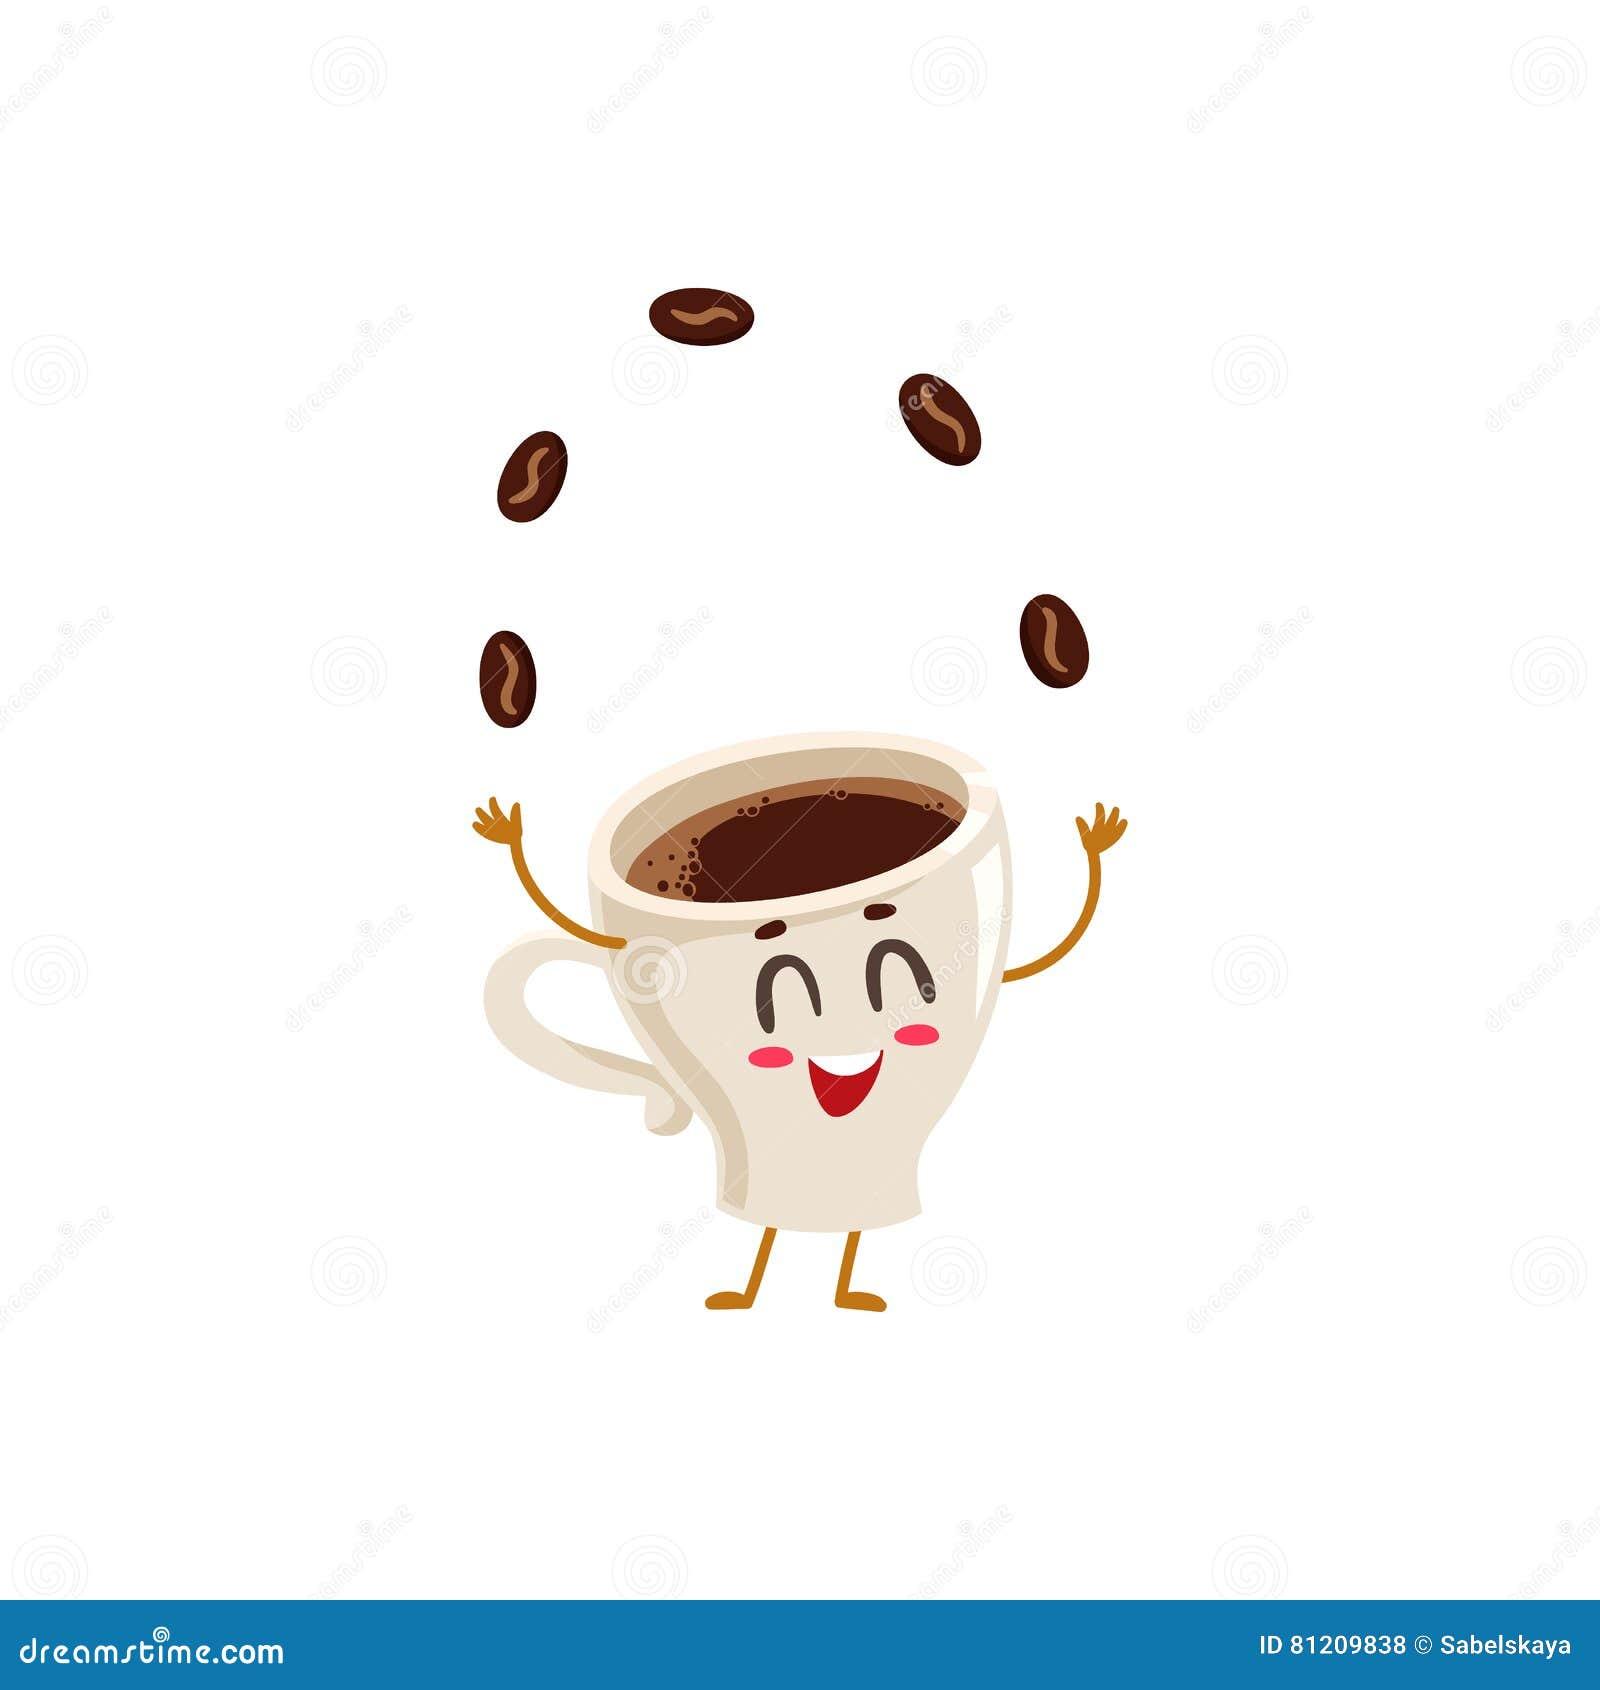 Granos de café del café express que hacen juegos malabares del carácter enérgico divertido de la taza